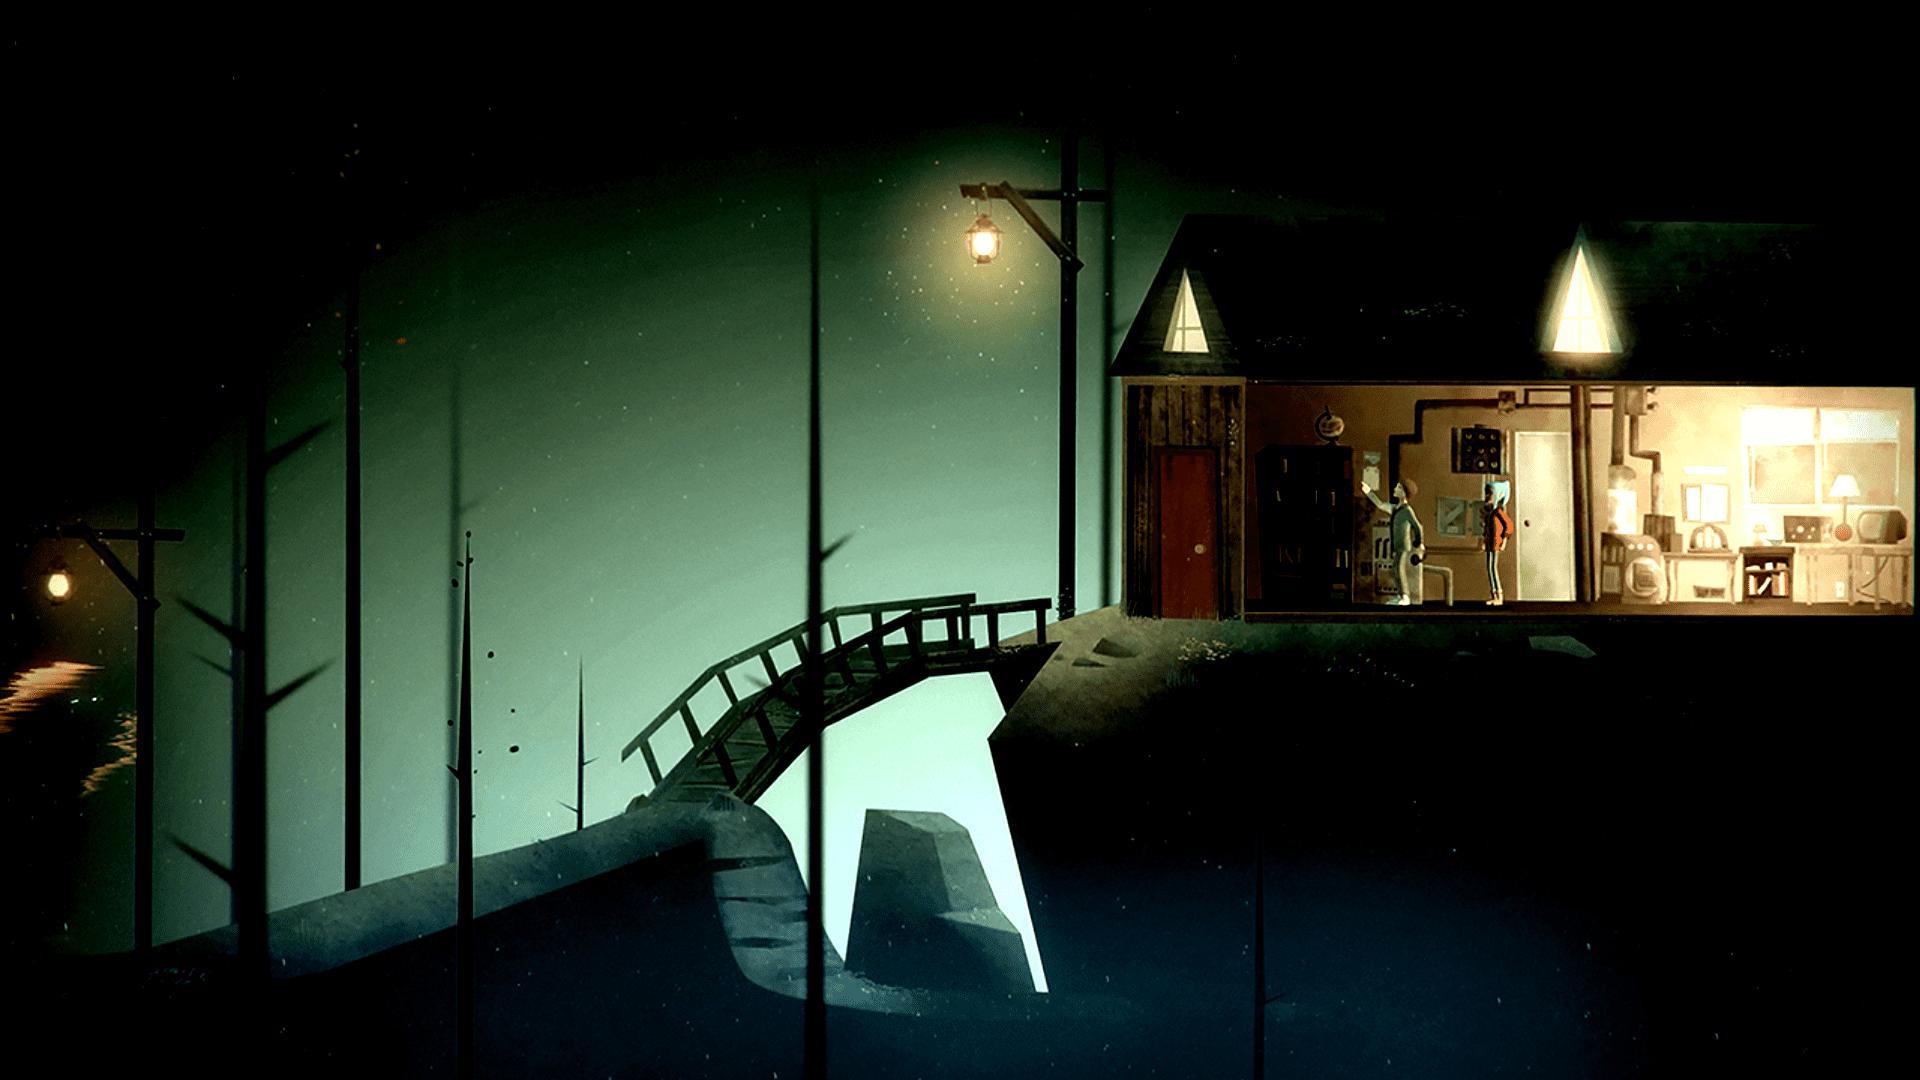 شركة نتفلكس تستحوذ على لعبة Oxenfree مع مطوورها Night School Studio